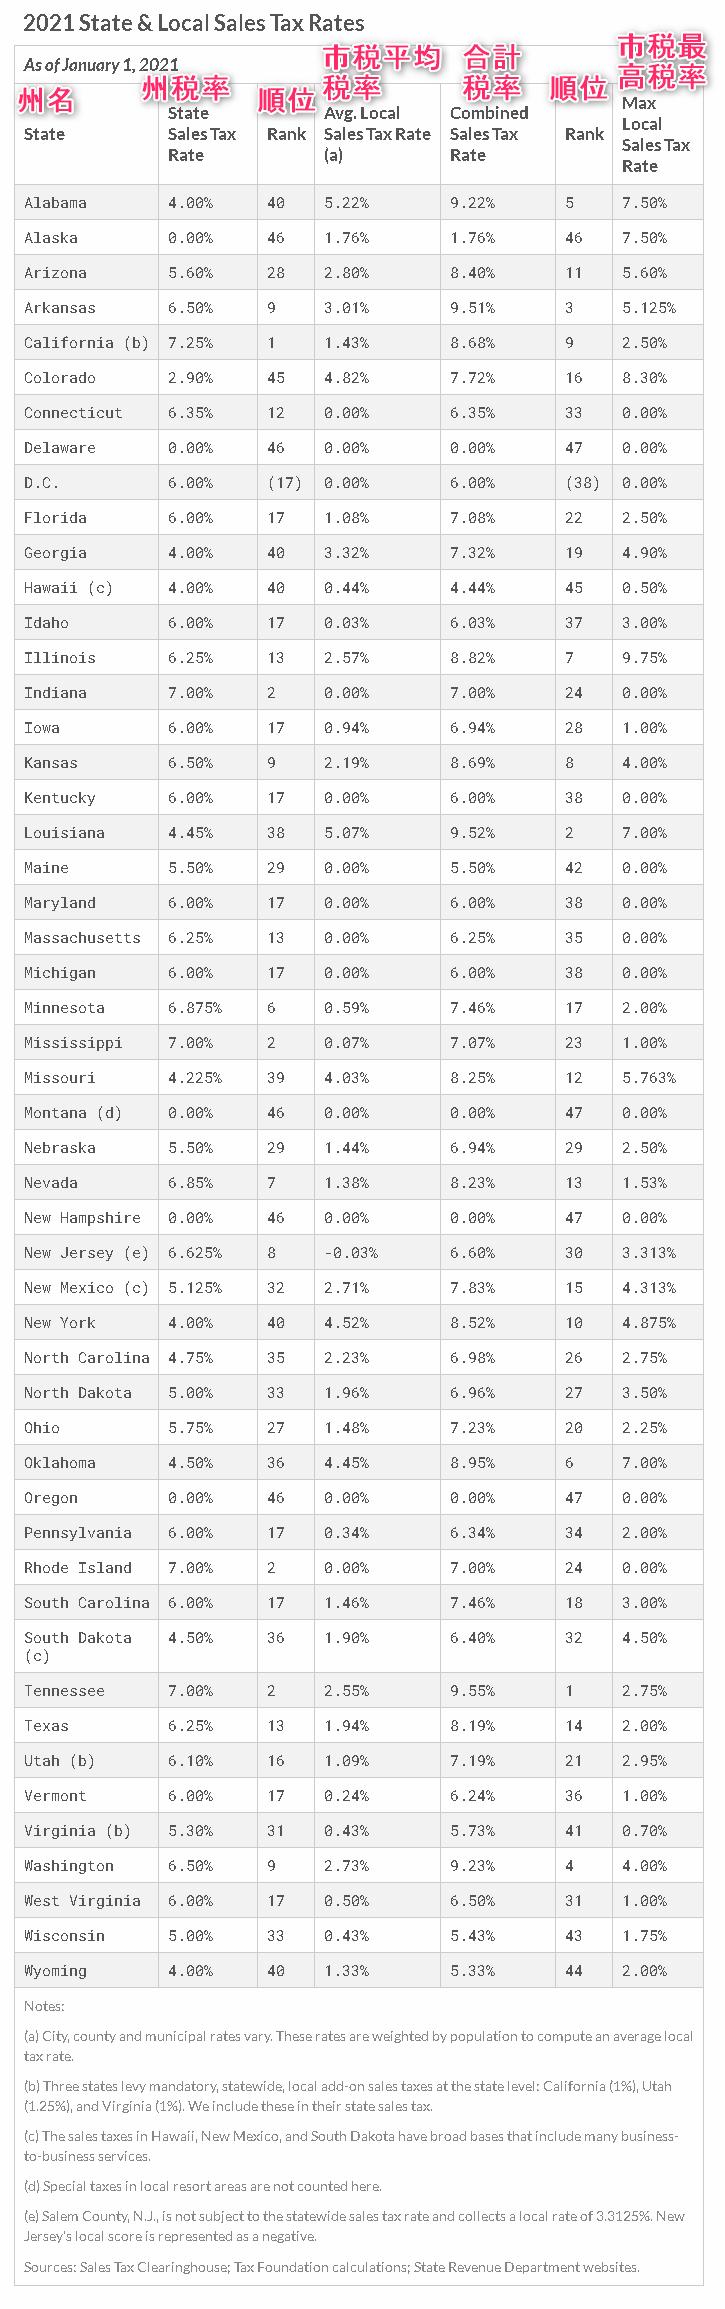 米国の州別セールスタックス税率